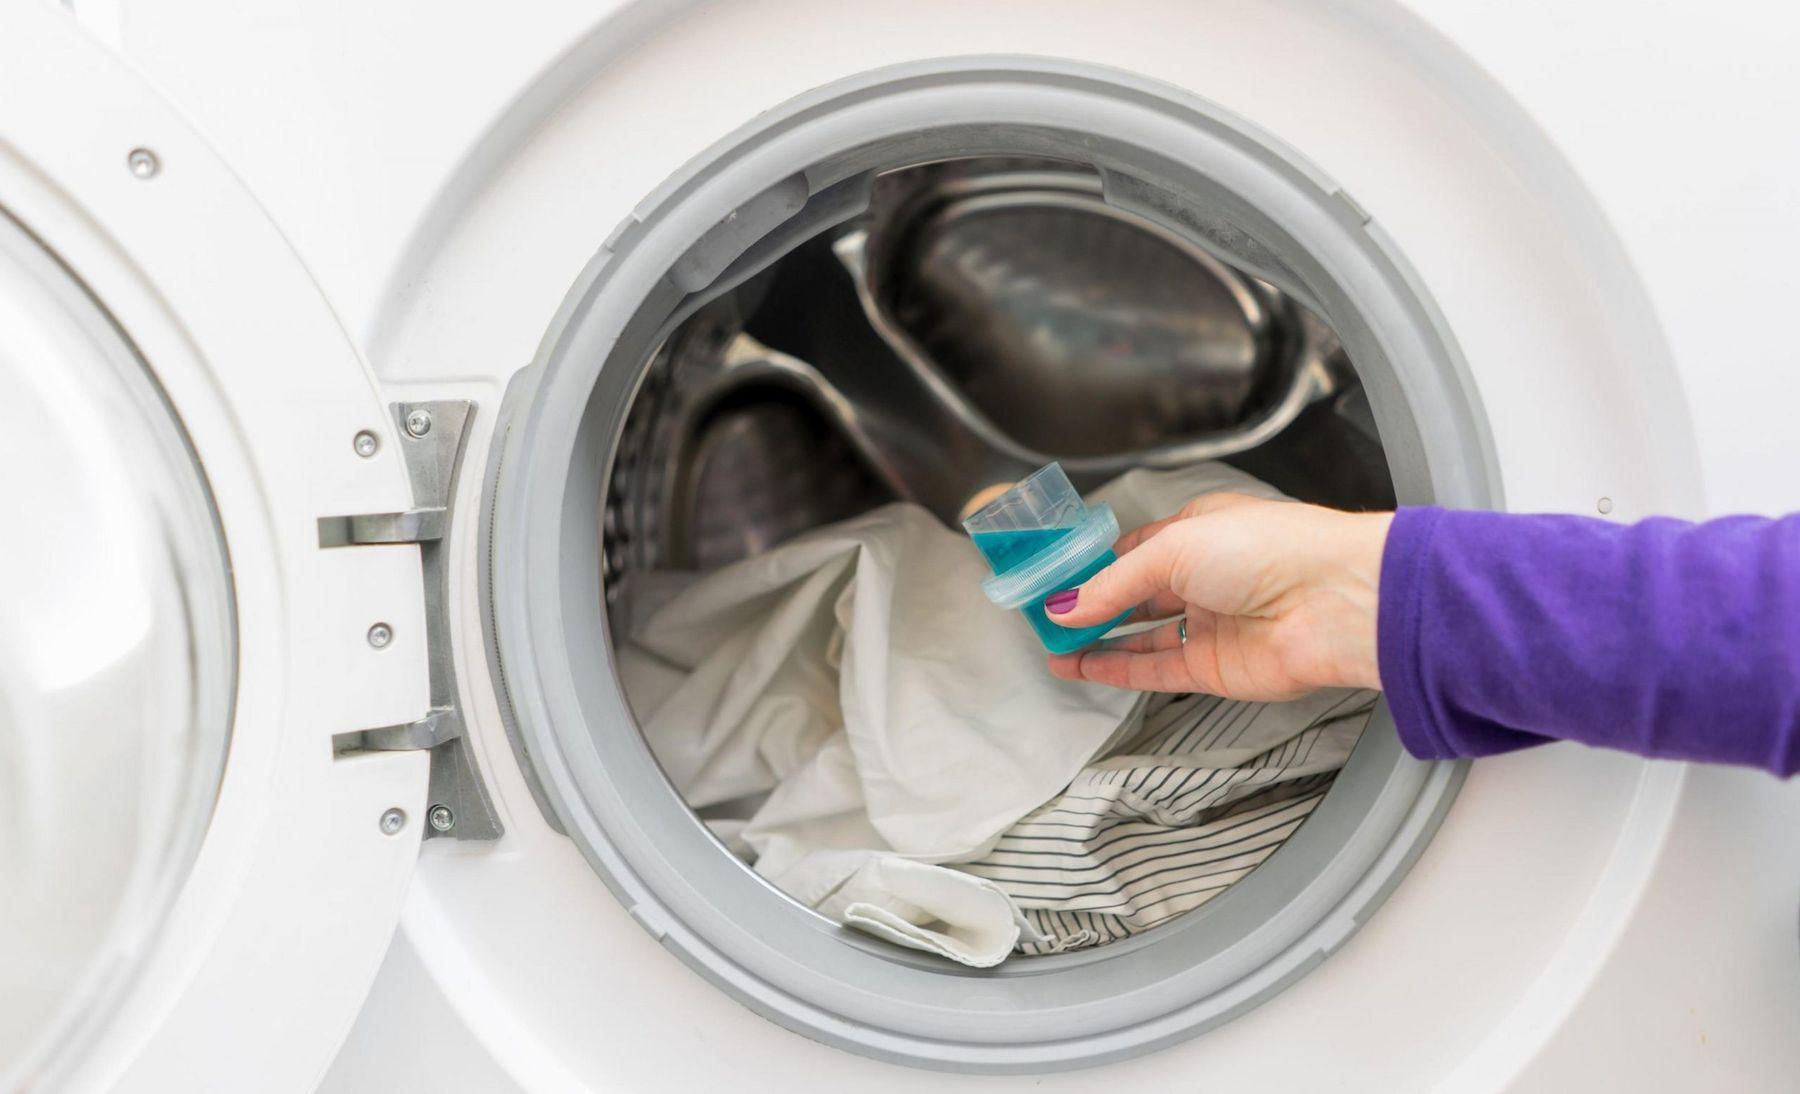 Hướng dẫn cách giặt ga trải giường đúng chuẩn